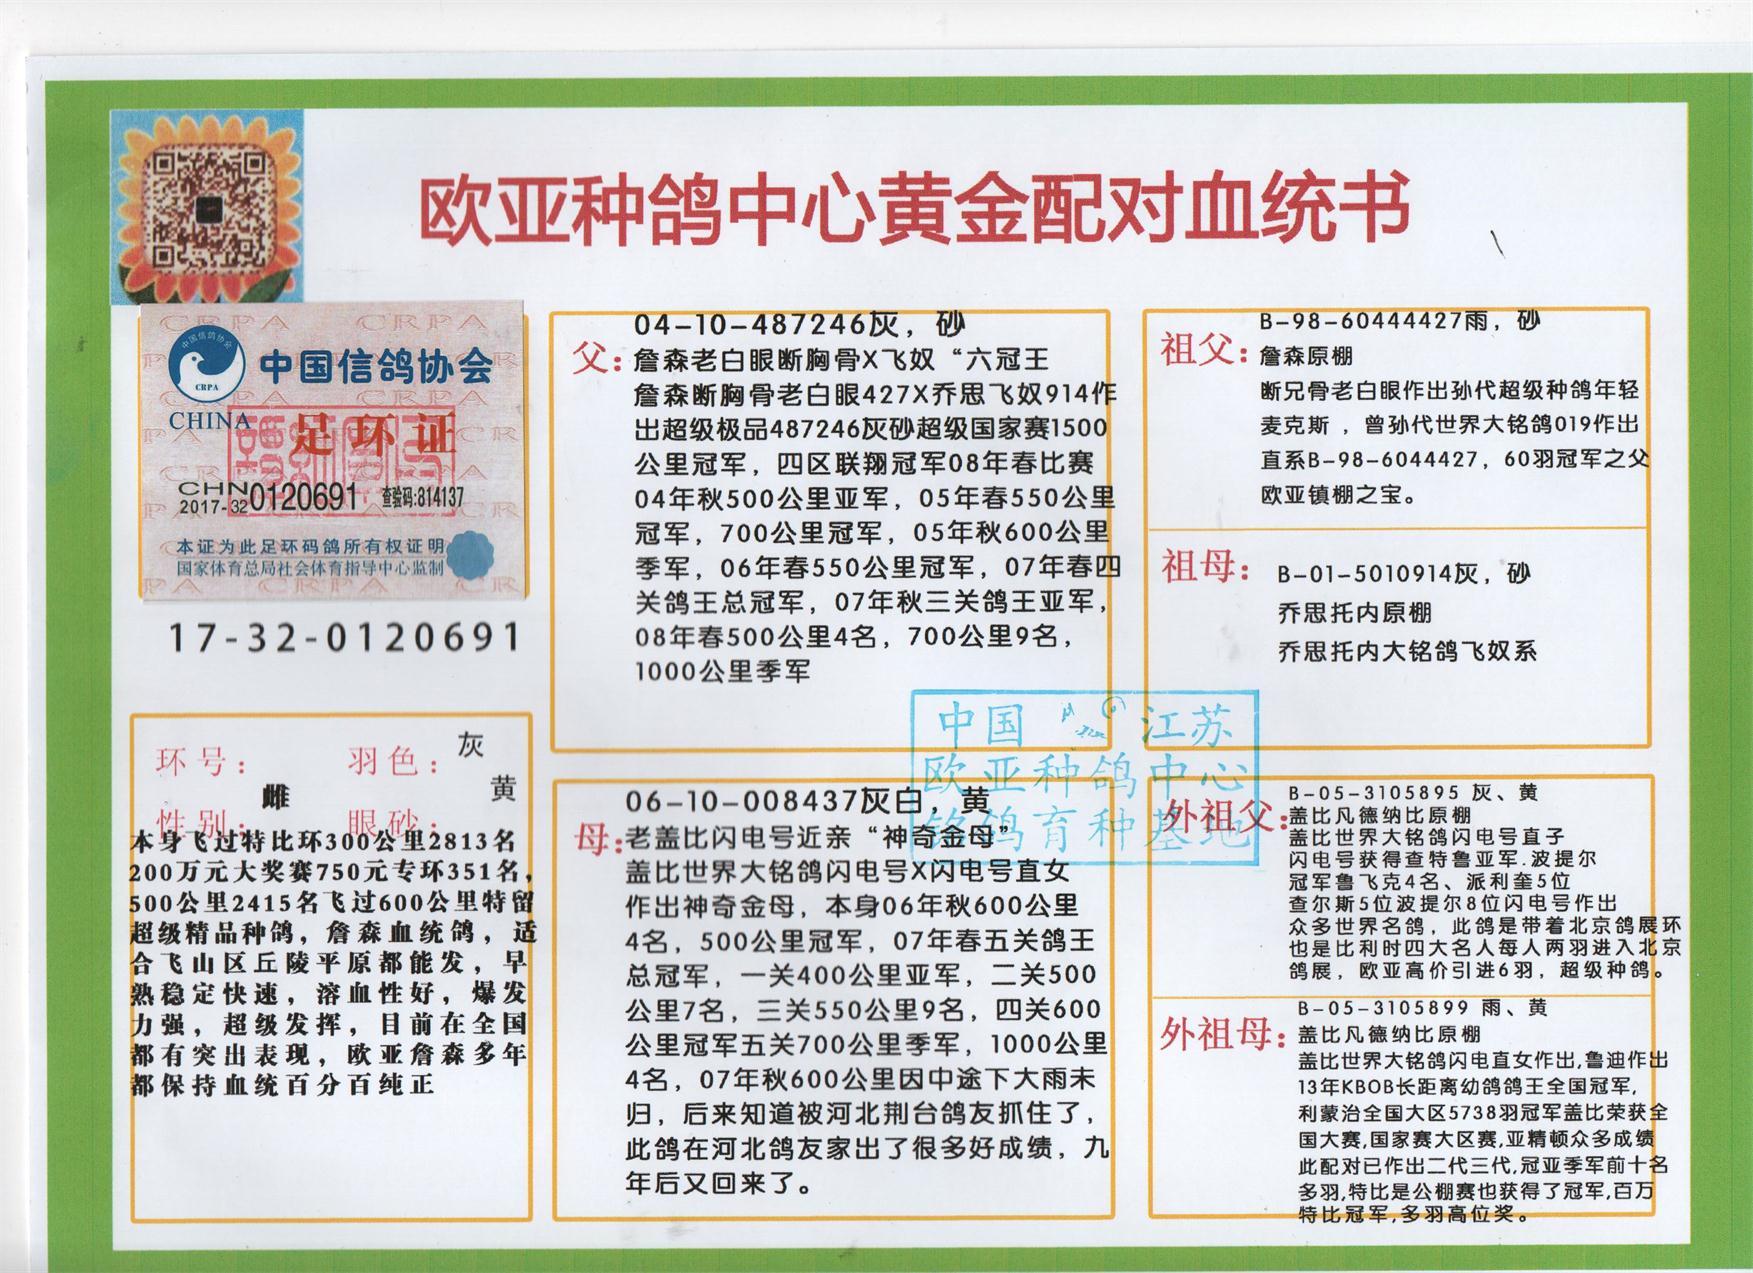 感谢欧亚支援优良种鸽内蒙古包头市 赵林萨使翔   今年秋平辈地方赛